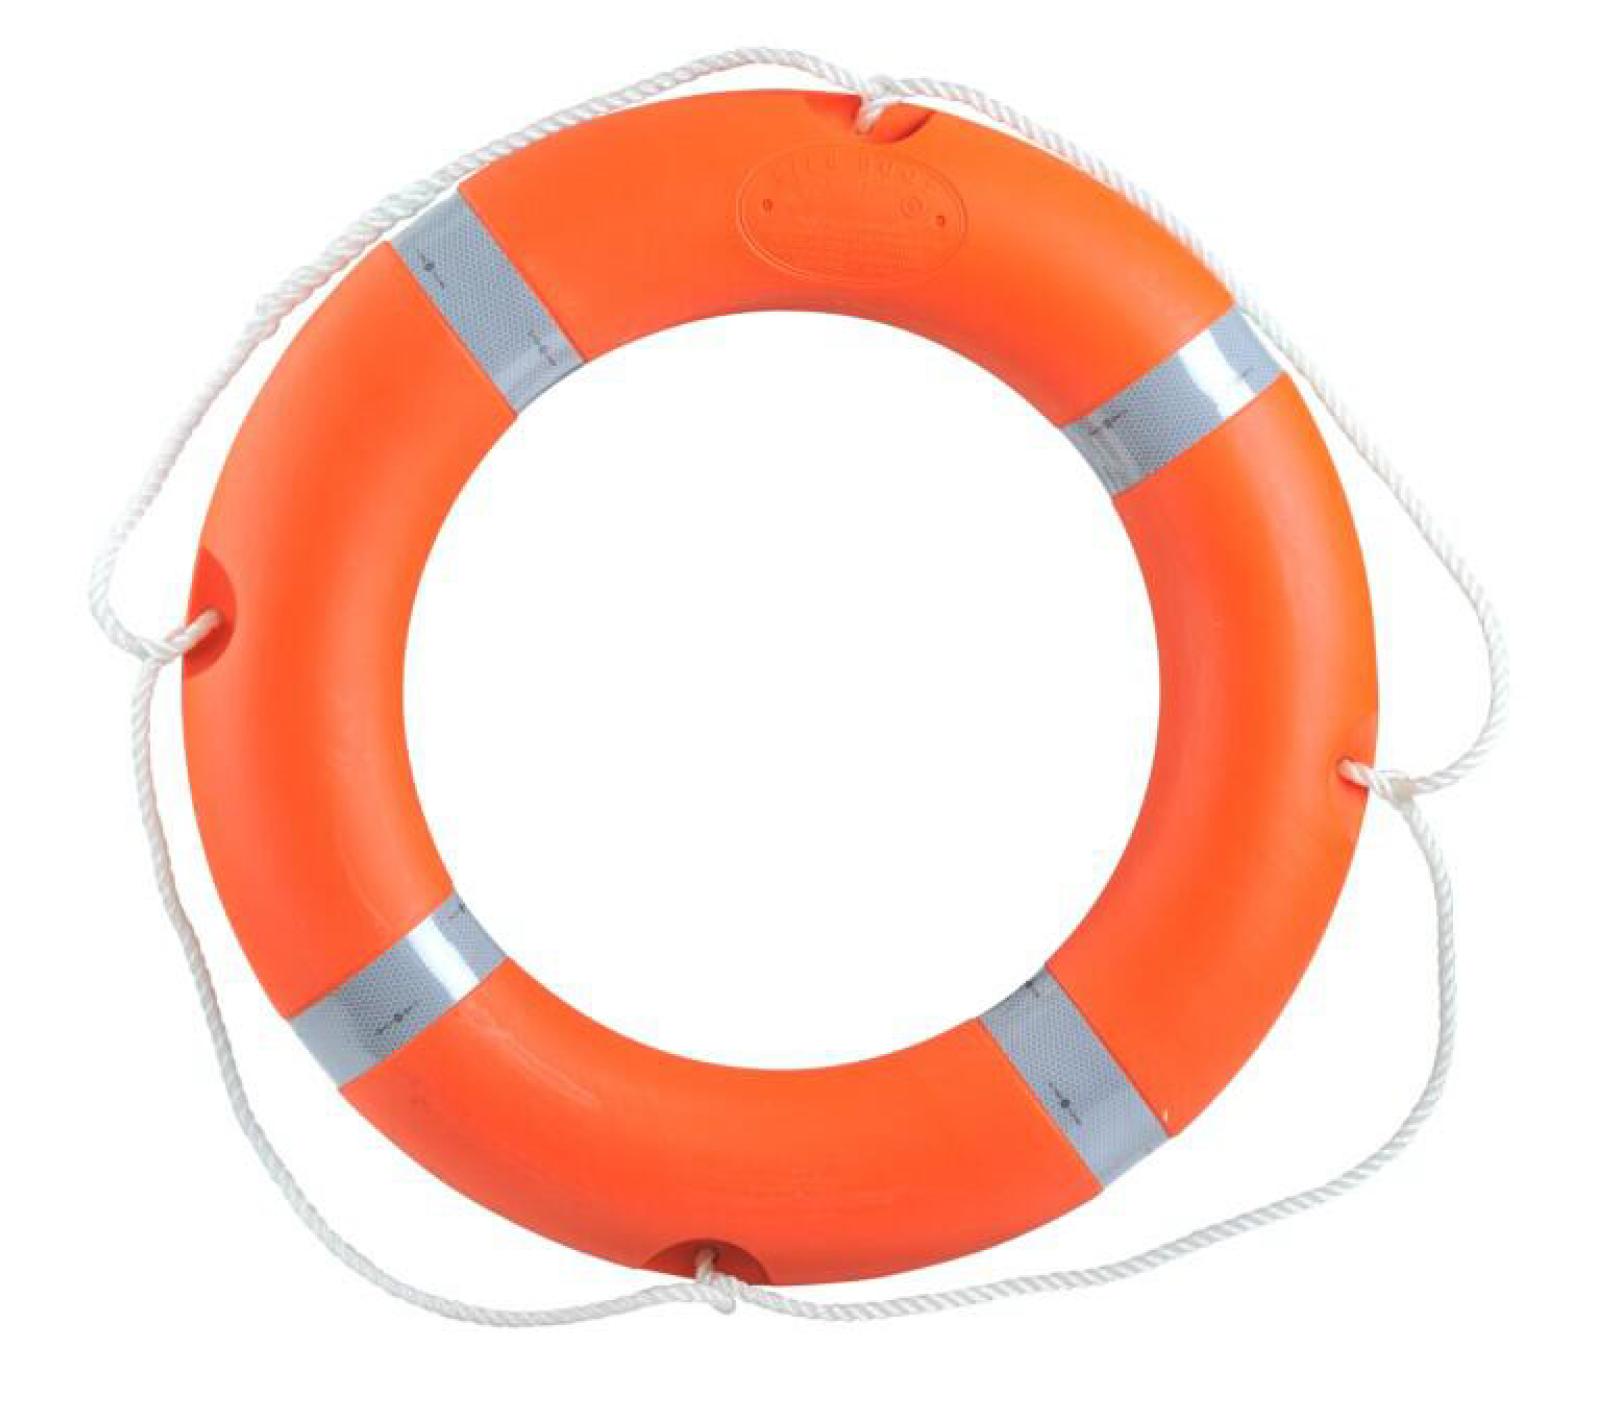 Orange Life Ring